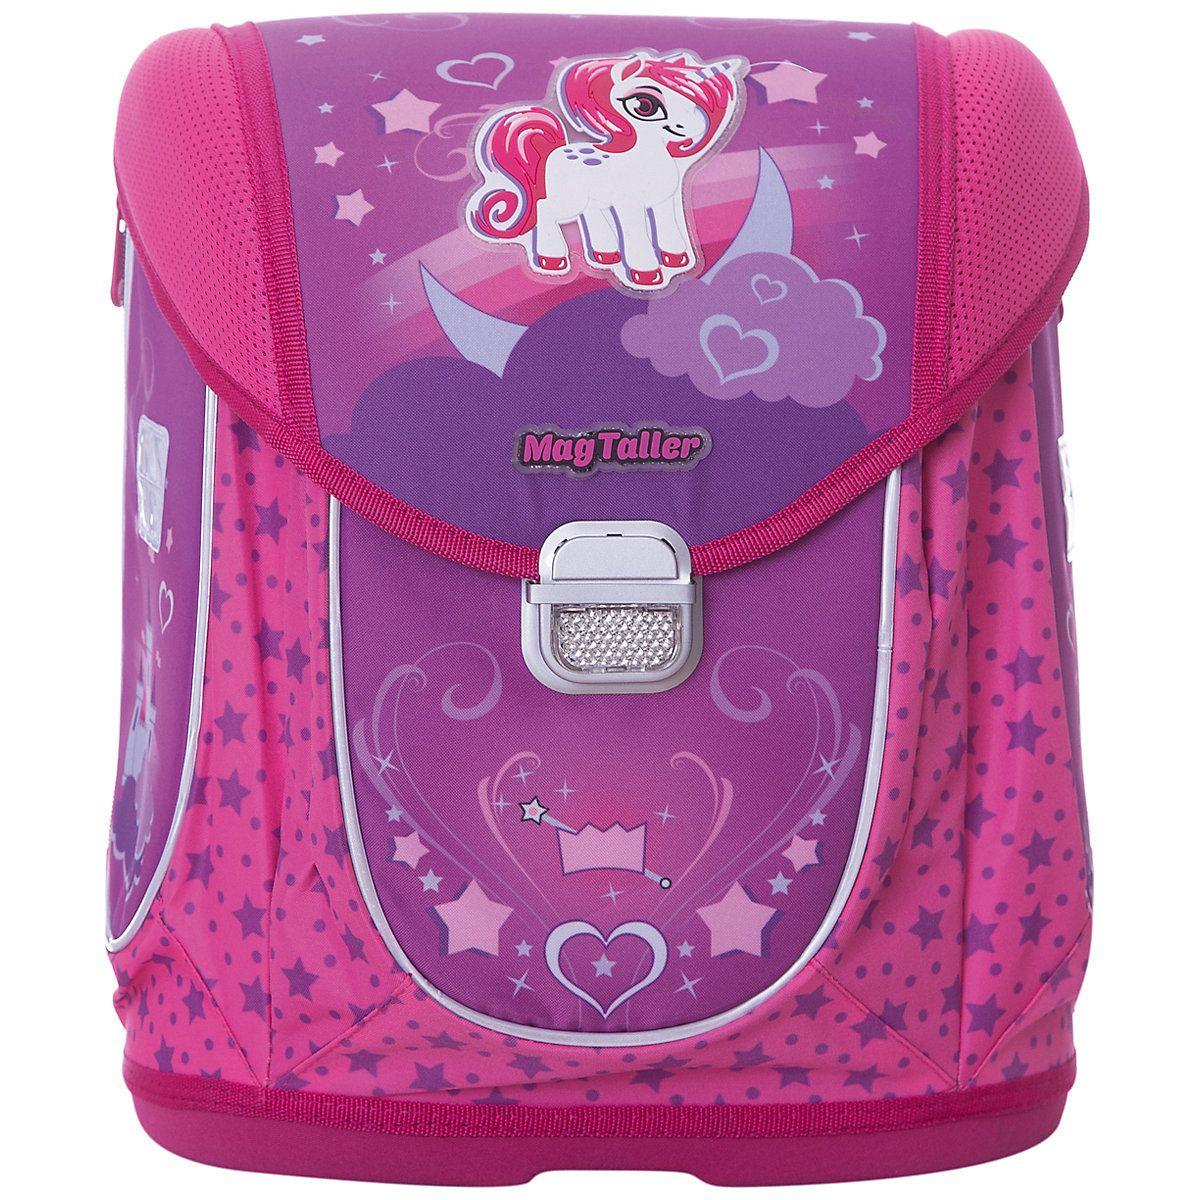 Schule Taschen MAGTALLER 8316018 schul rucksack orthopädische tasche für jungen und mädchen tiere blumen